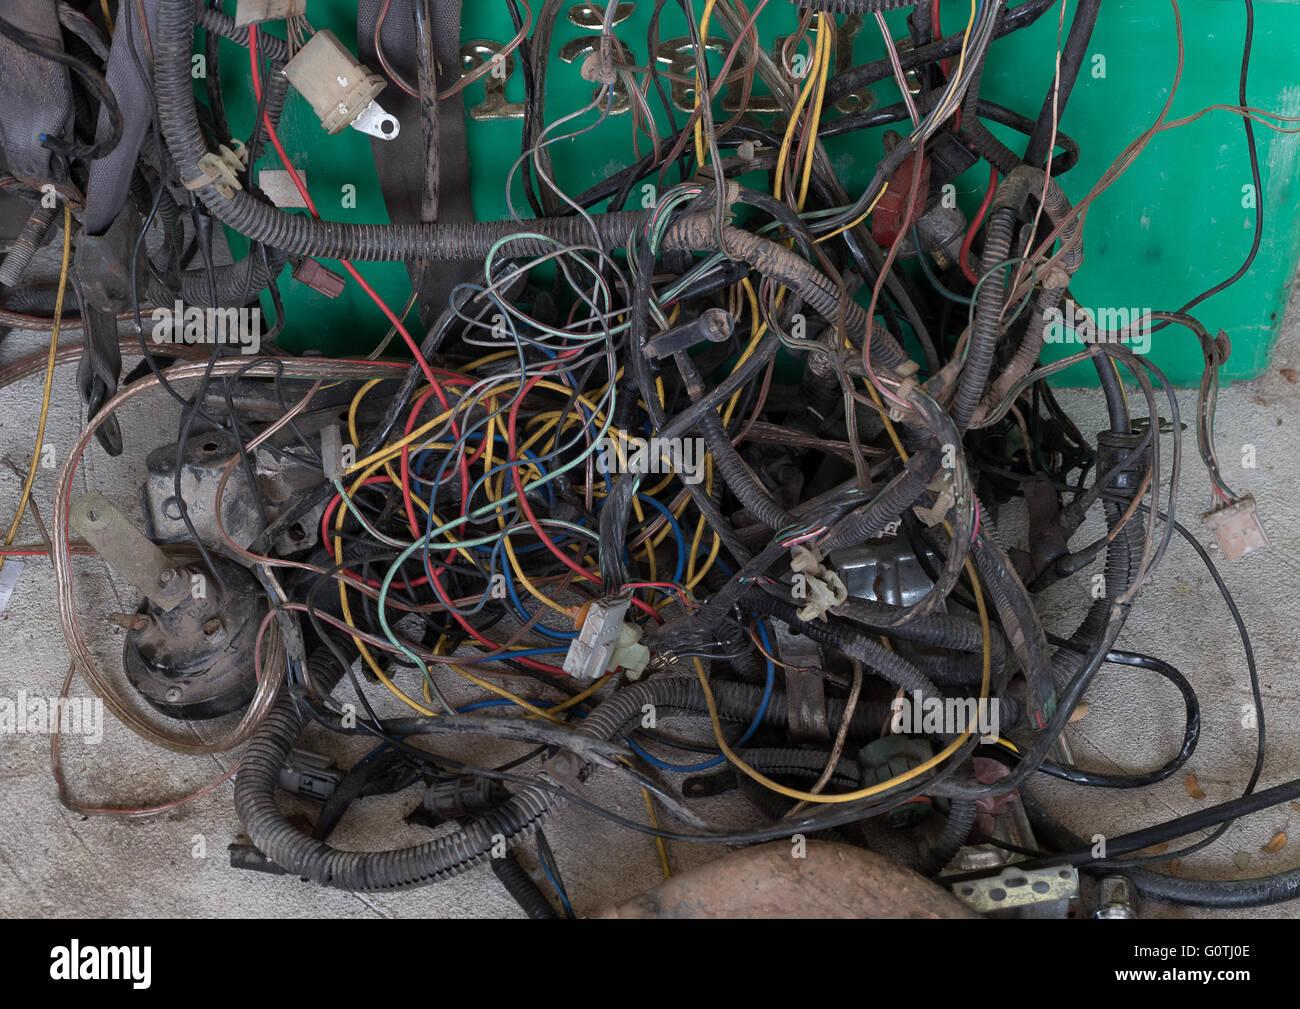 Zweiter hand set Auto elektrische Verkabelung Stockfoto, Bild ...